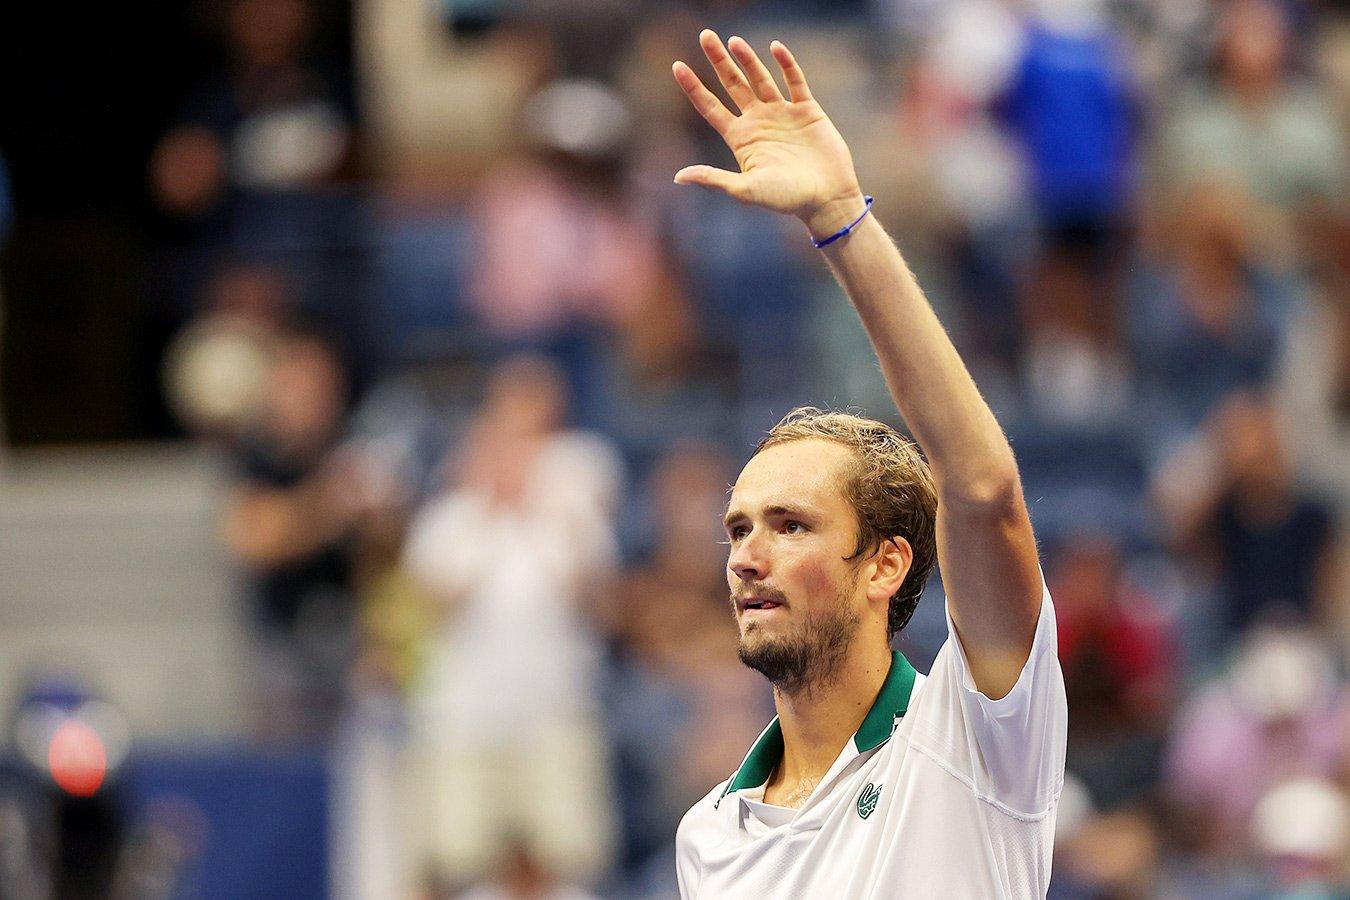 Даниил Медведев получил чек на $ 2,5 млн за победу на US Open